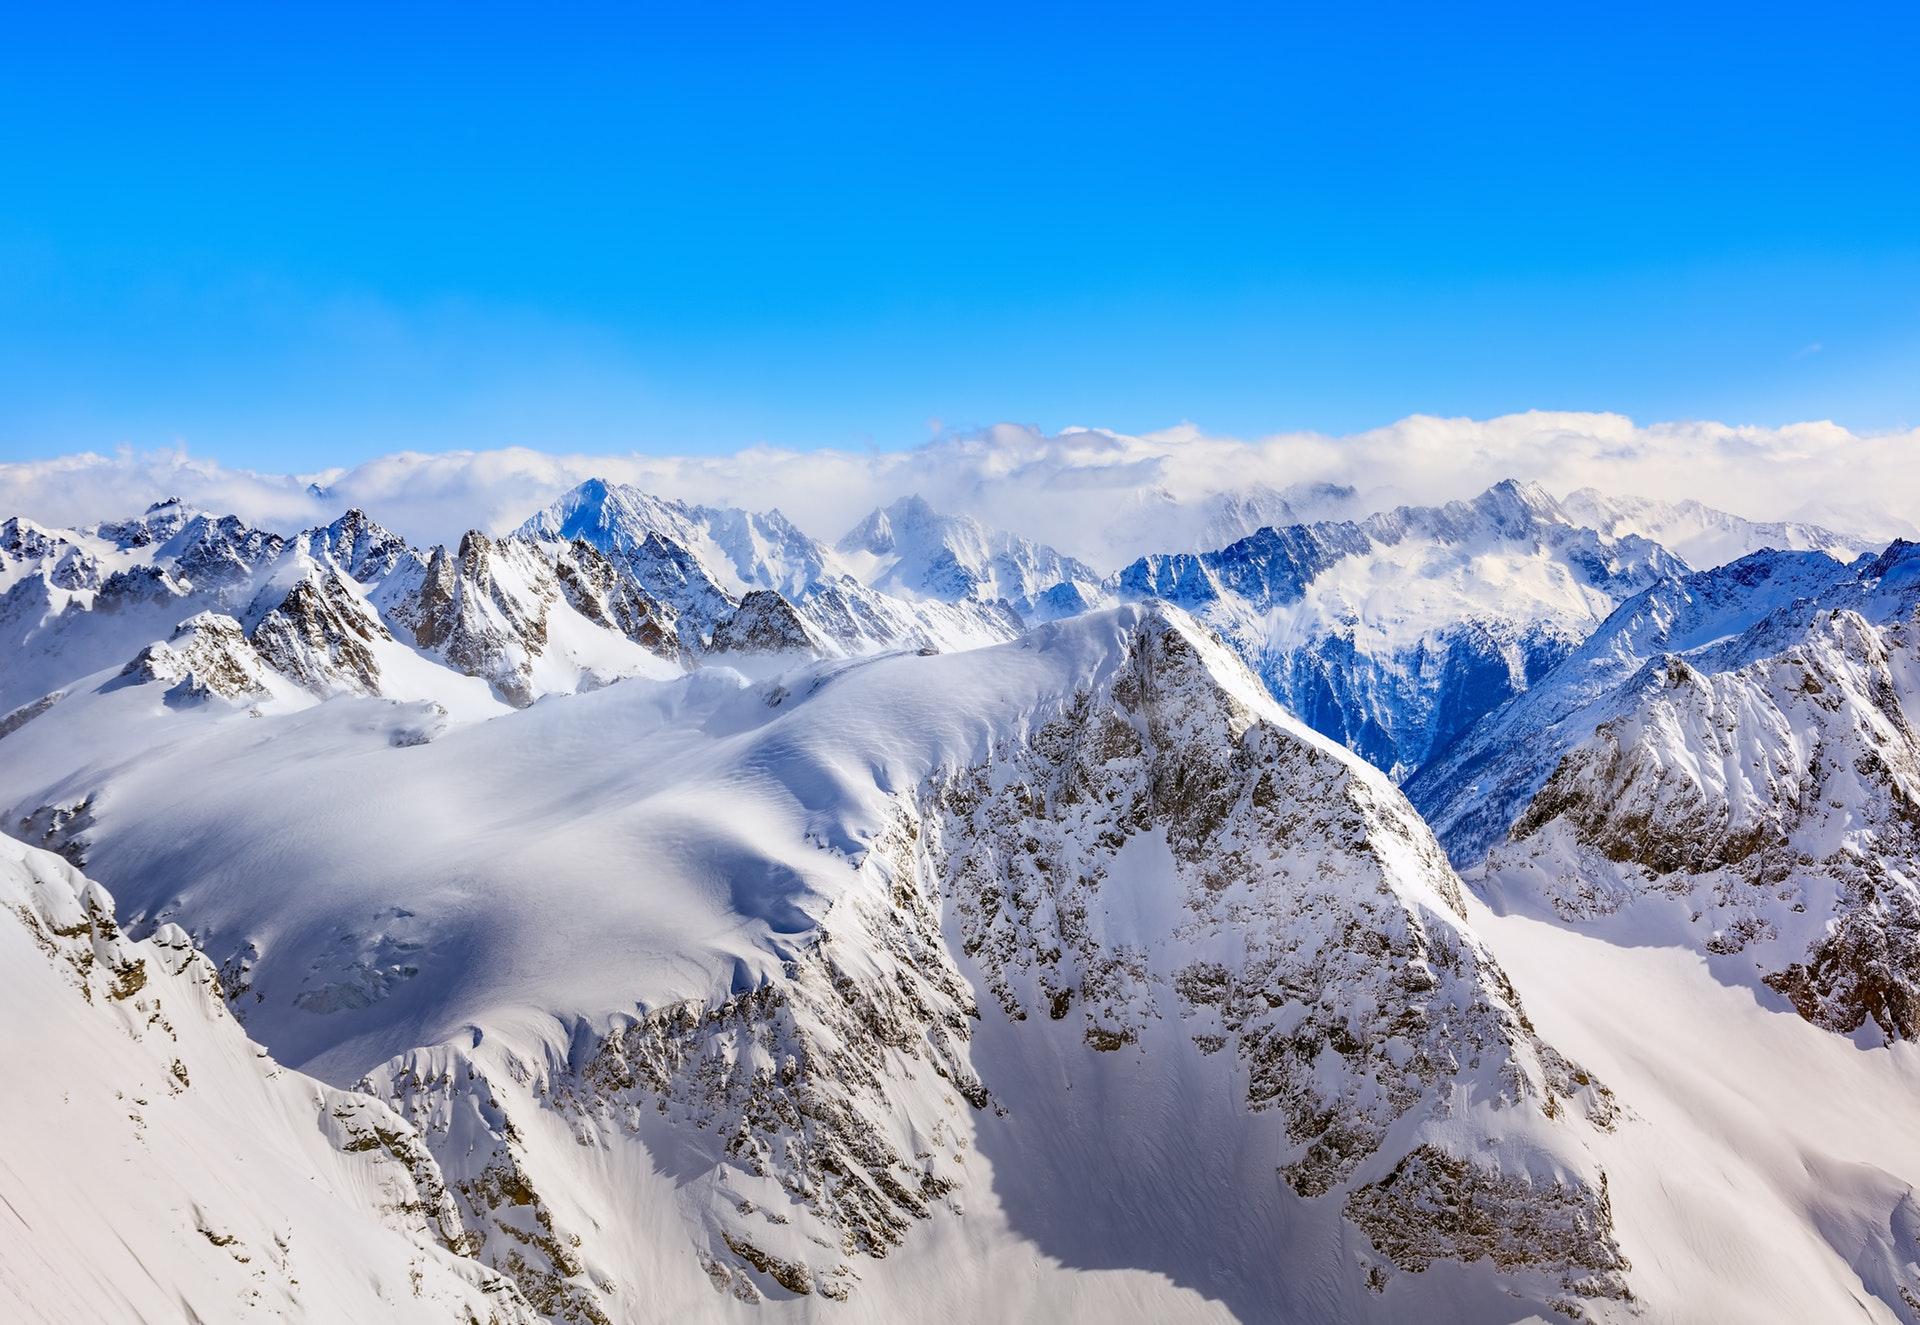 bjerg, bjerge, mount everest, alper, sne, natur, vandre, vandring